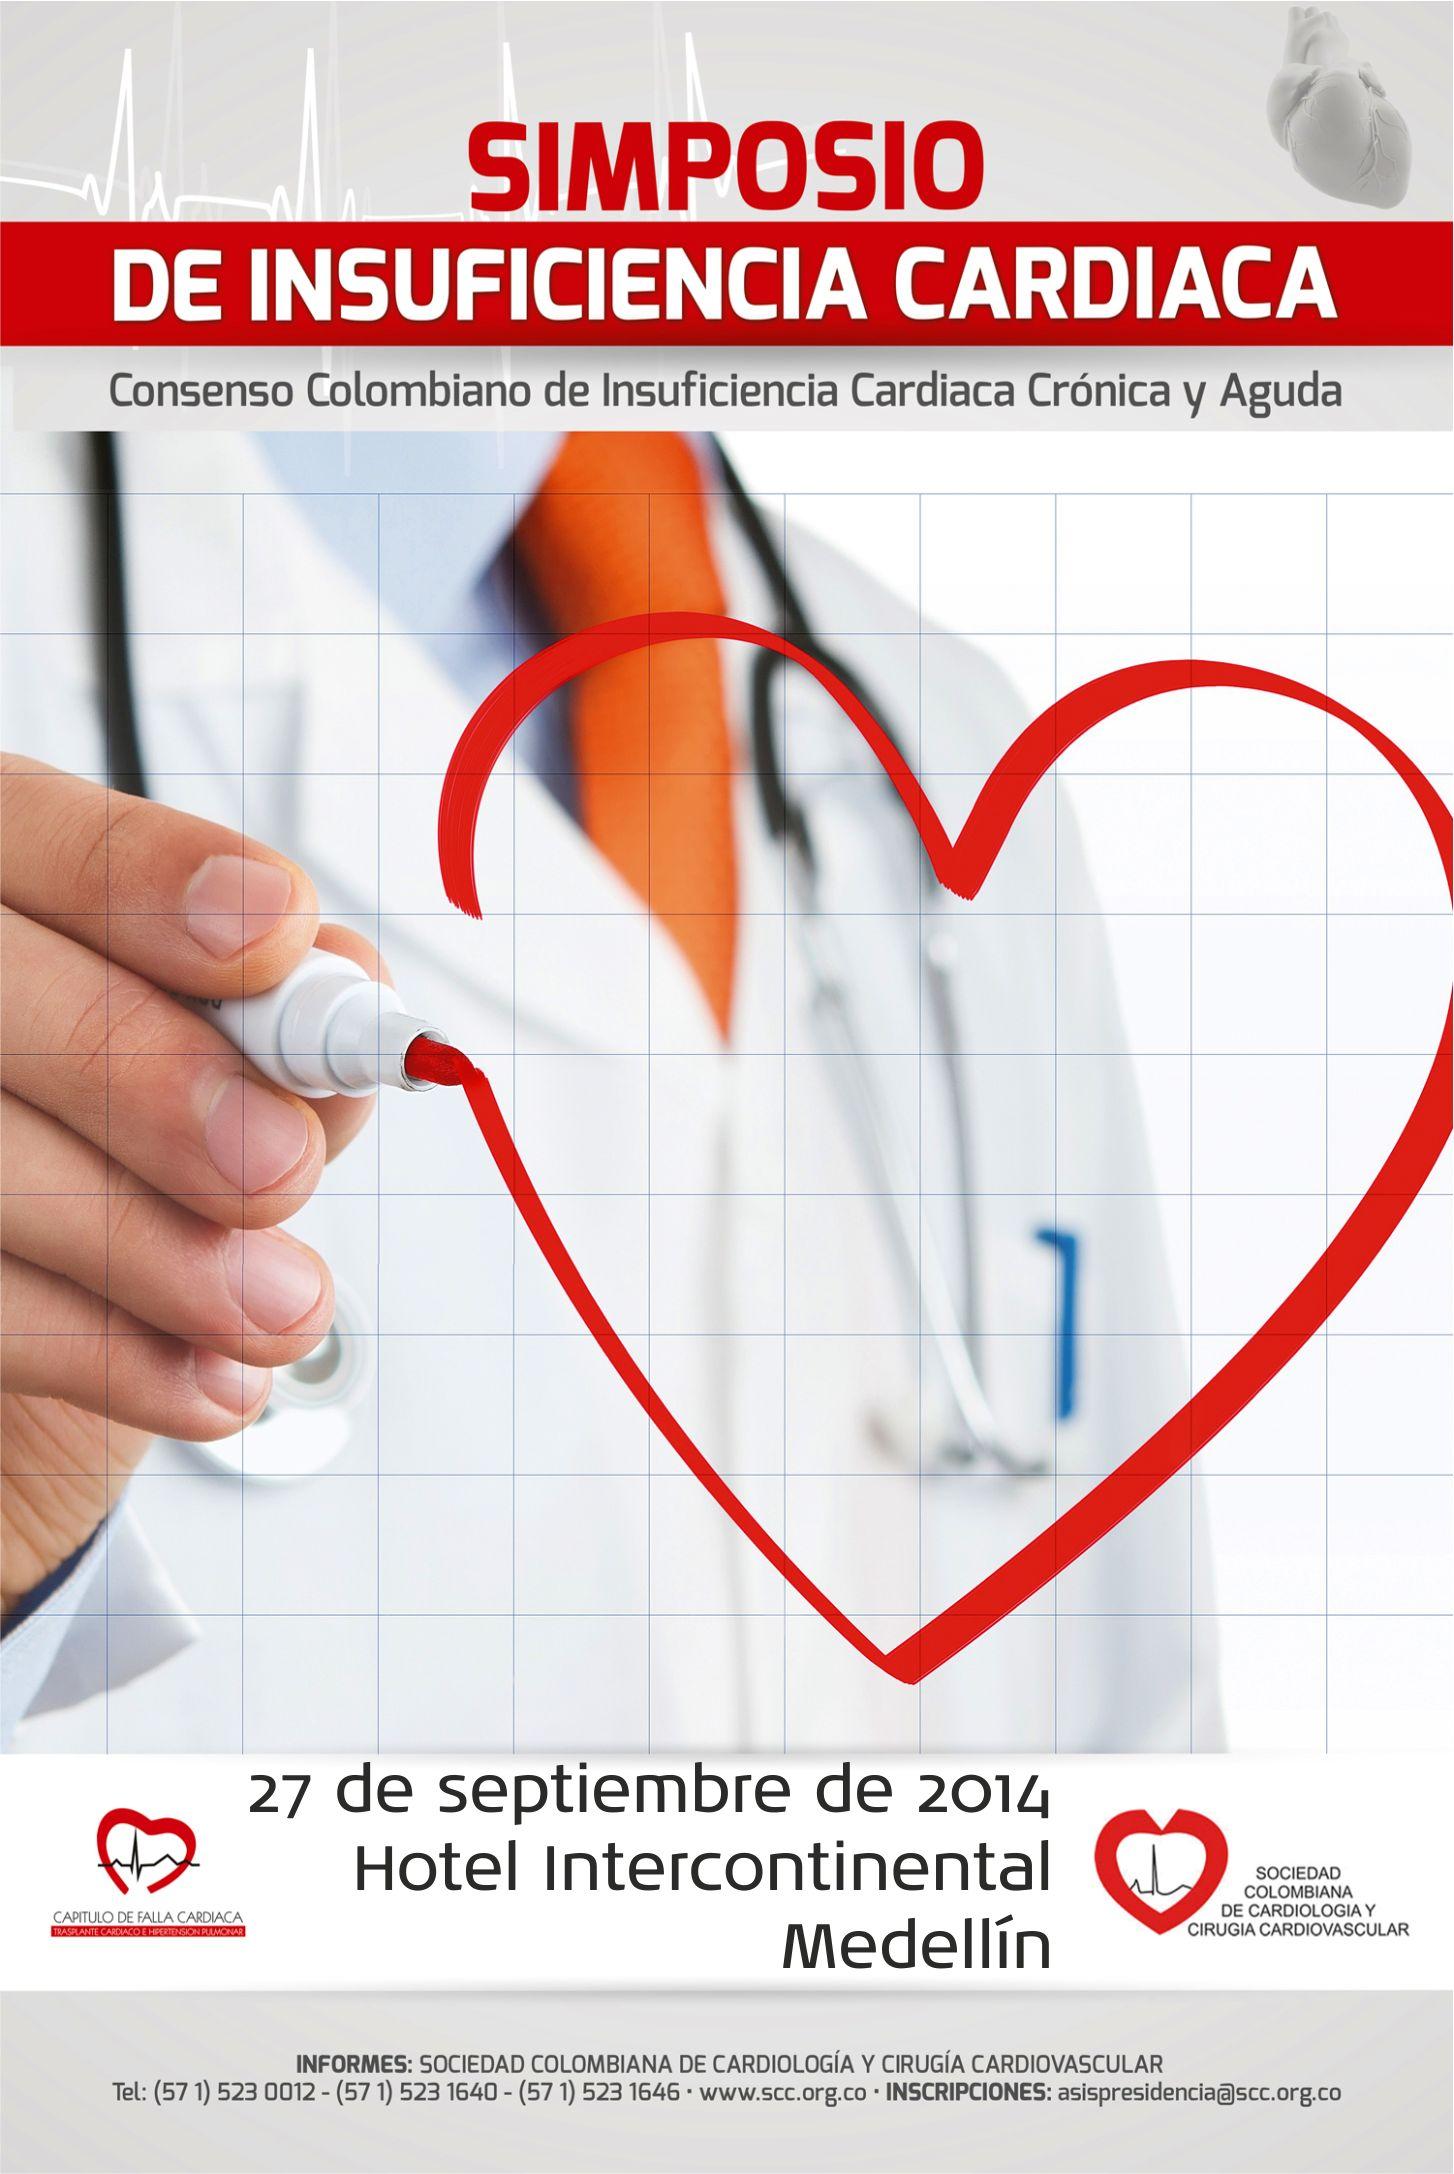 Simposio de Insuficiencia Cardiaca @ Hotel Intercontinental -Medellín